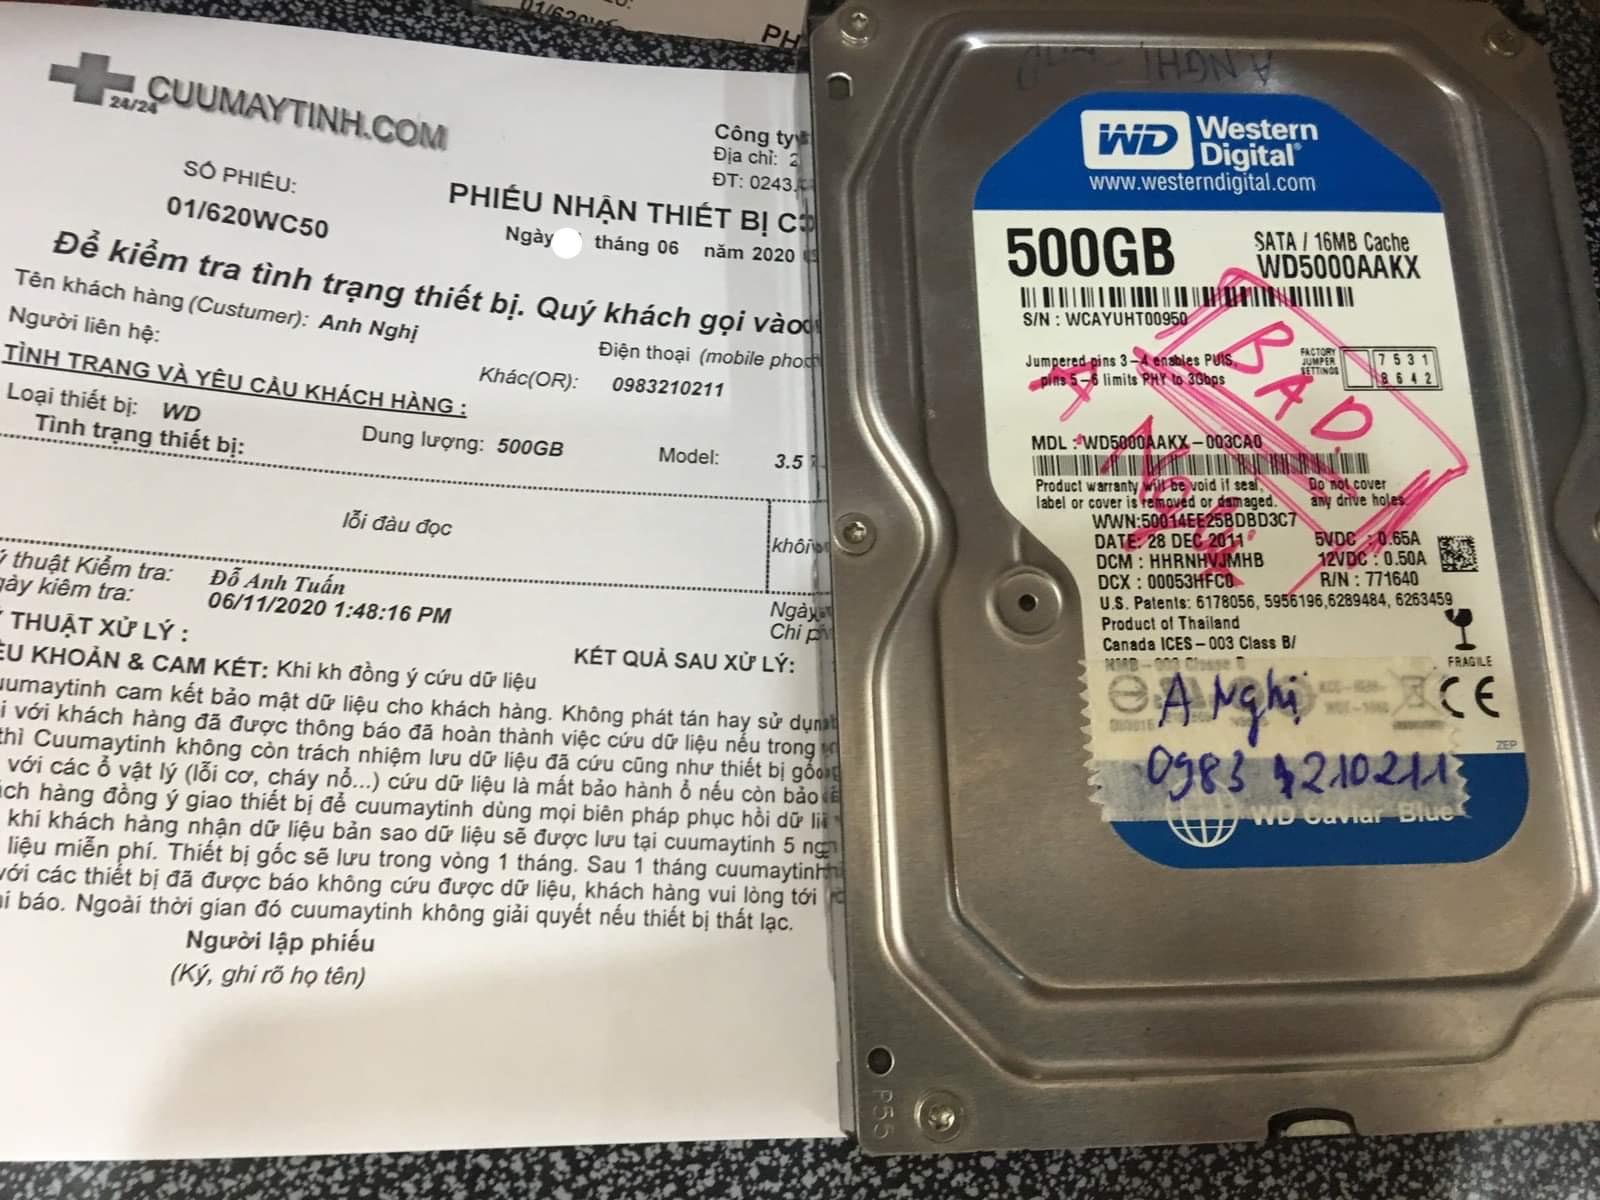 Khôi phục dữ liệu ổ cứng Western 500GB đầu đọc kém 13/06/2020 - cuumaytinh